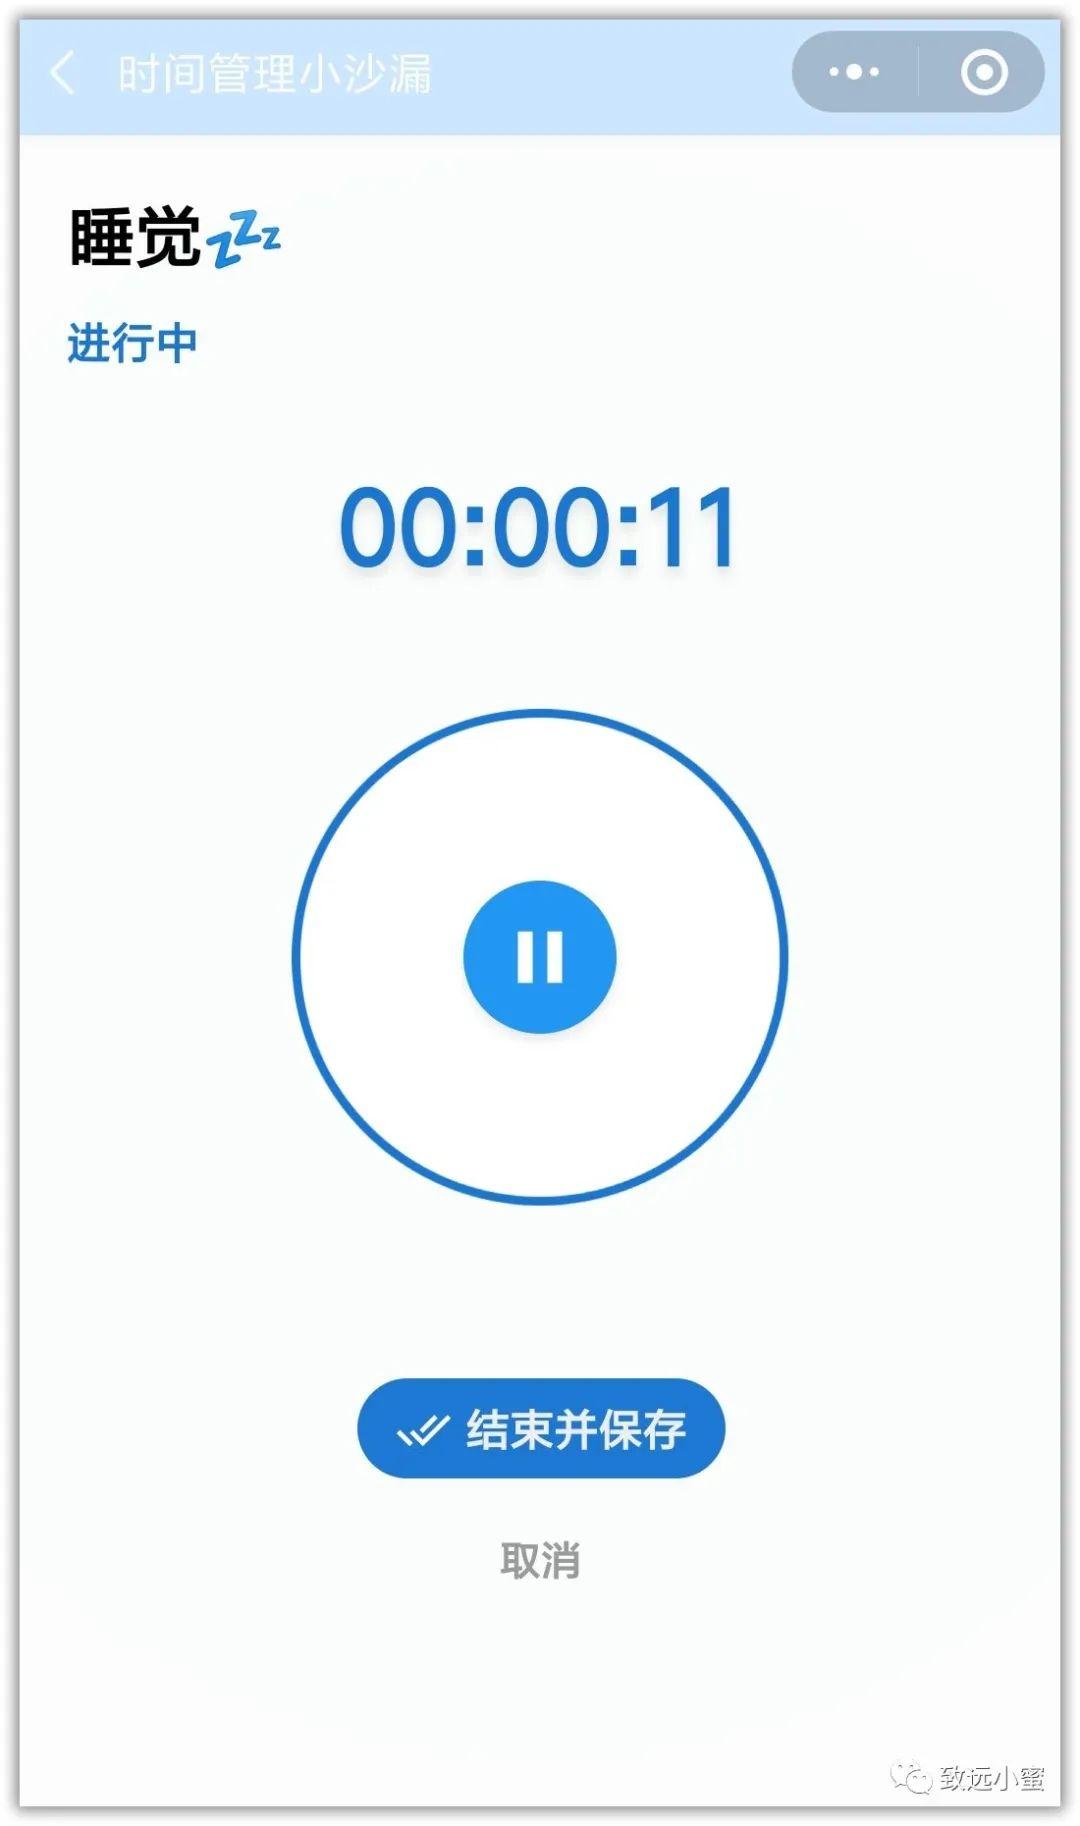 计划助手V1.0-微信小程序(QQ小程序)-源代码分享